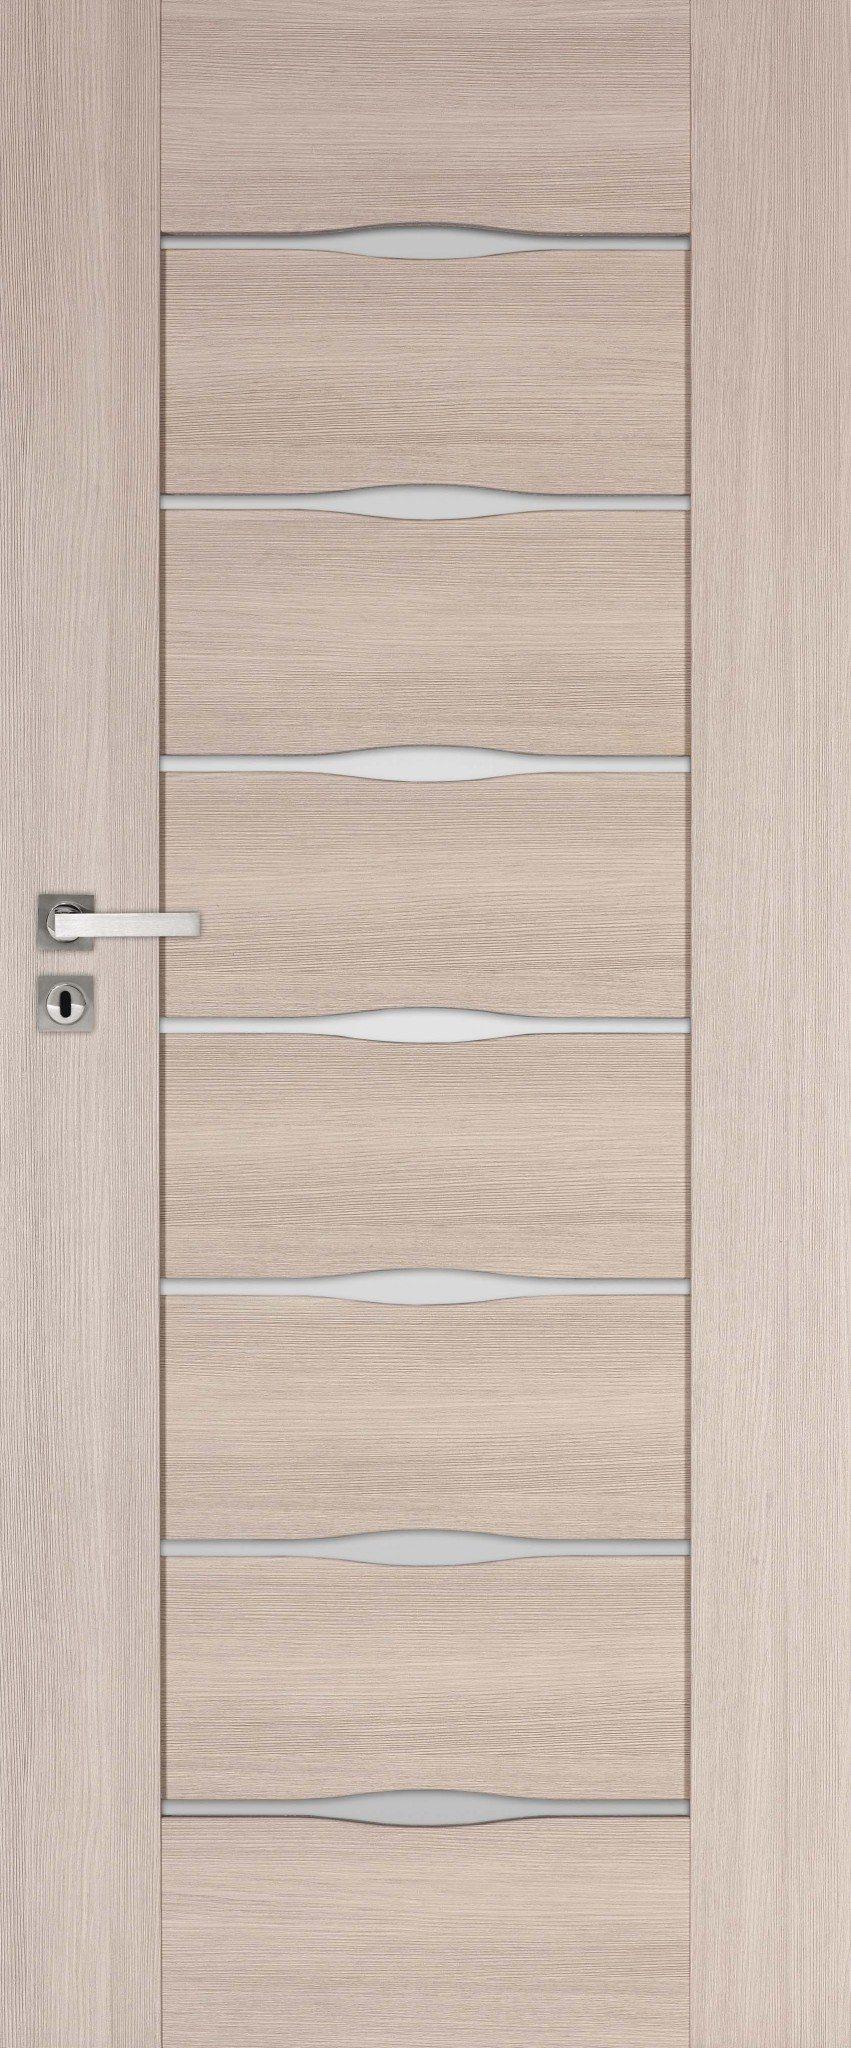 Sobna-vrata-VERANO